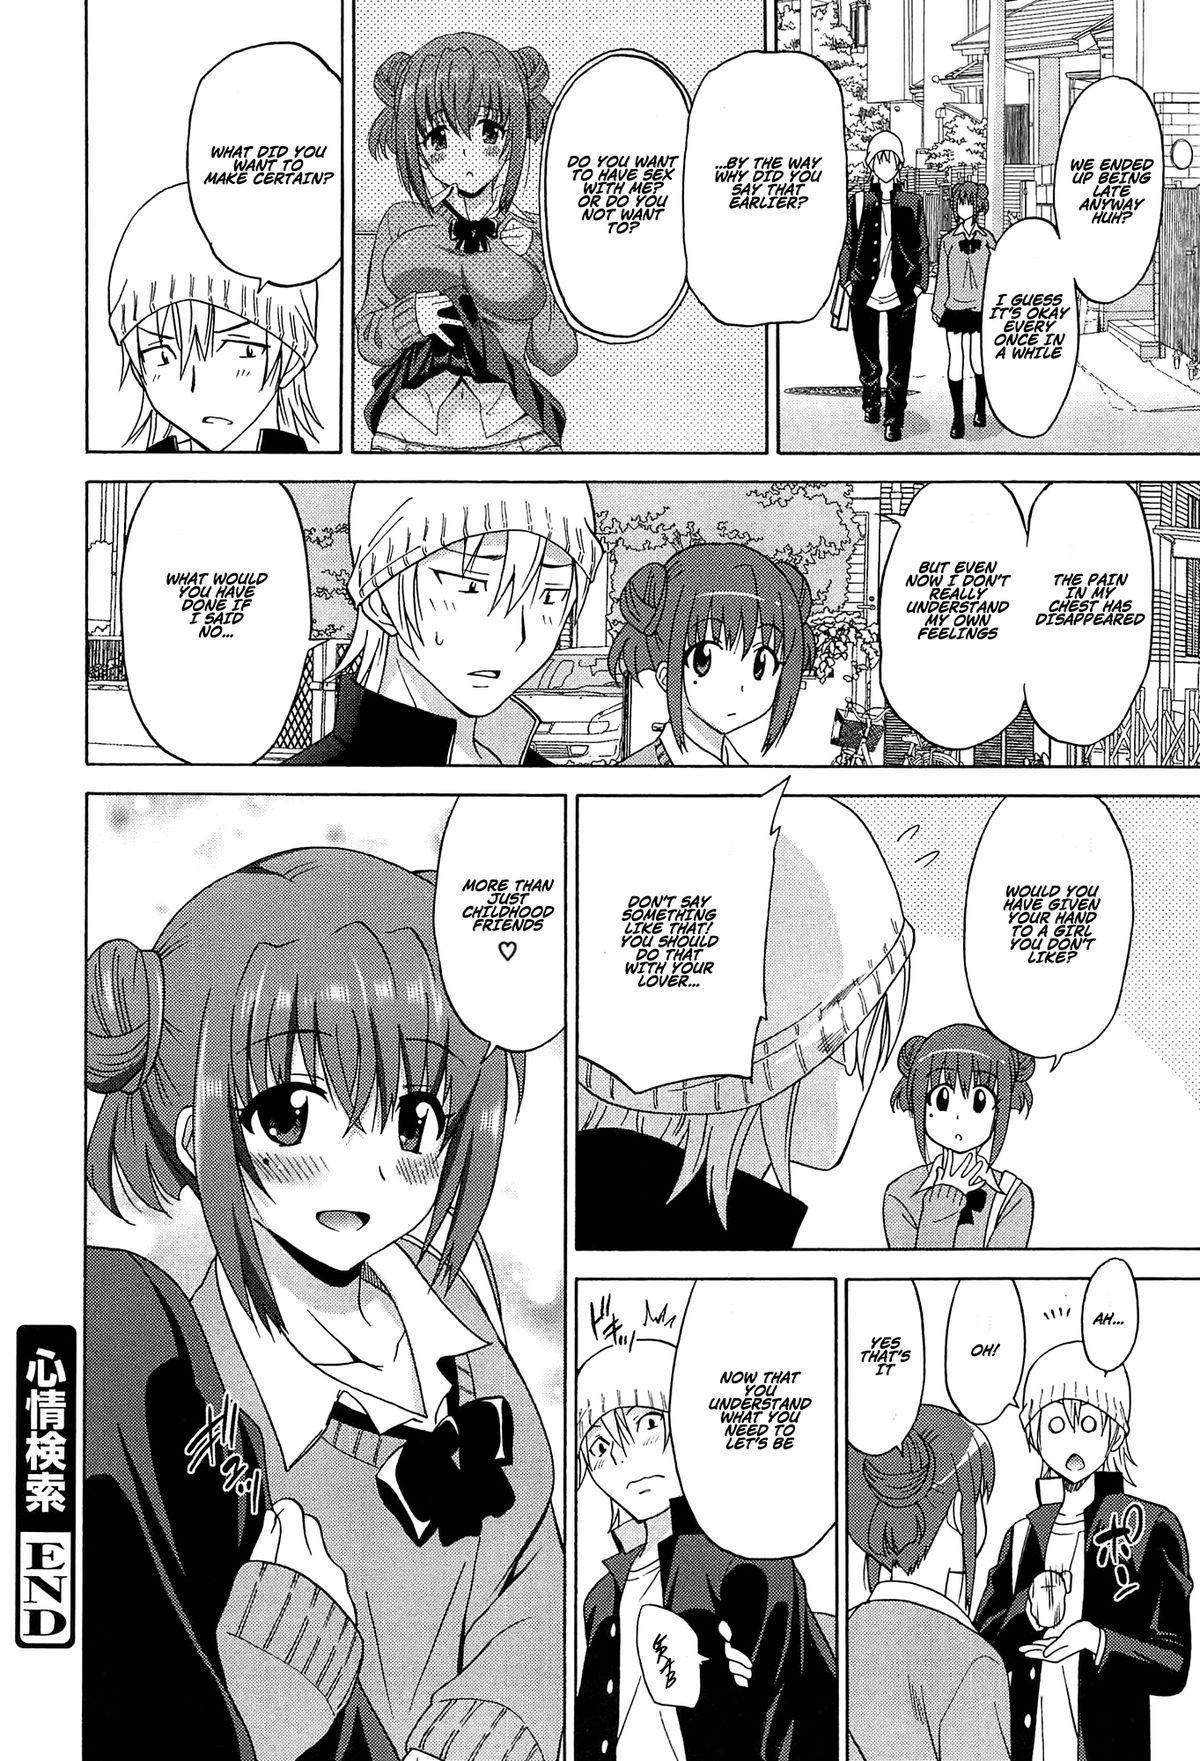 [Otono Natsu] Wonderful Days ~17-nin no Shojo to Inu~ Ch. 1-6 [English] [Na-Mi-Da] 19